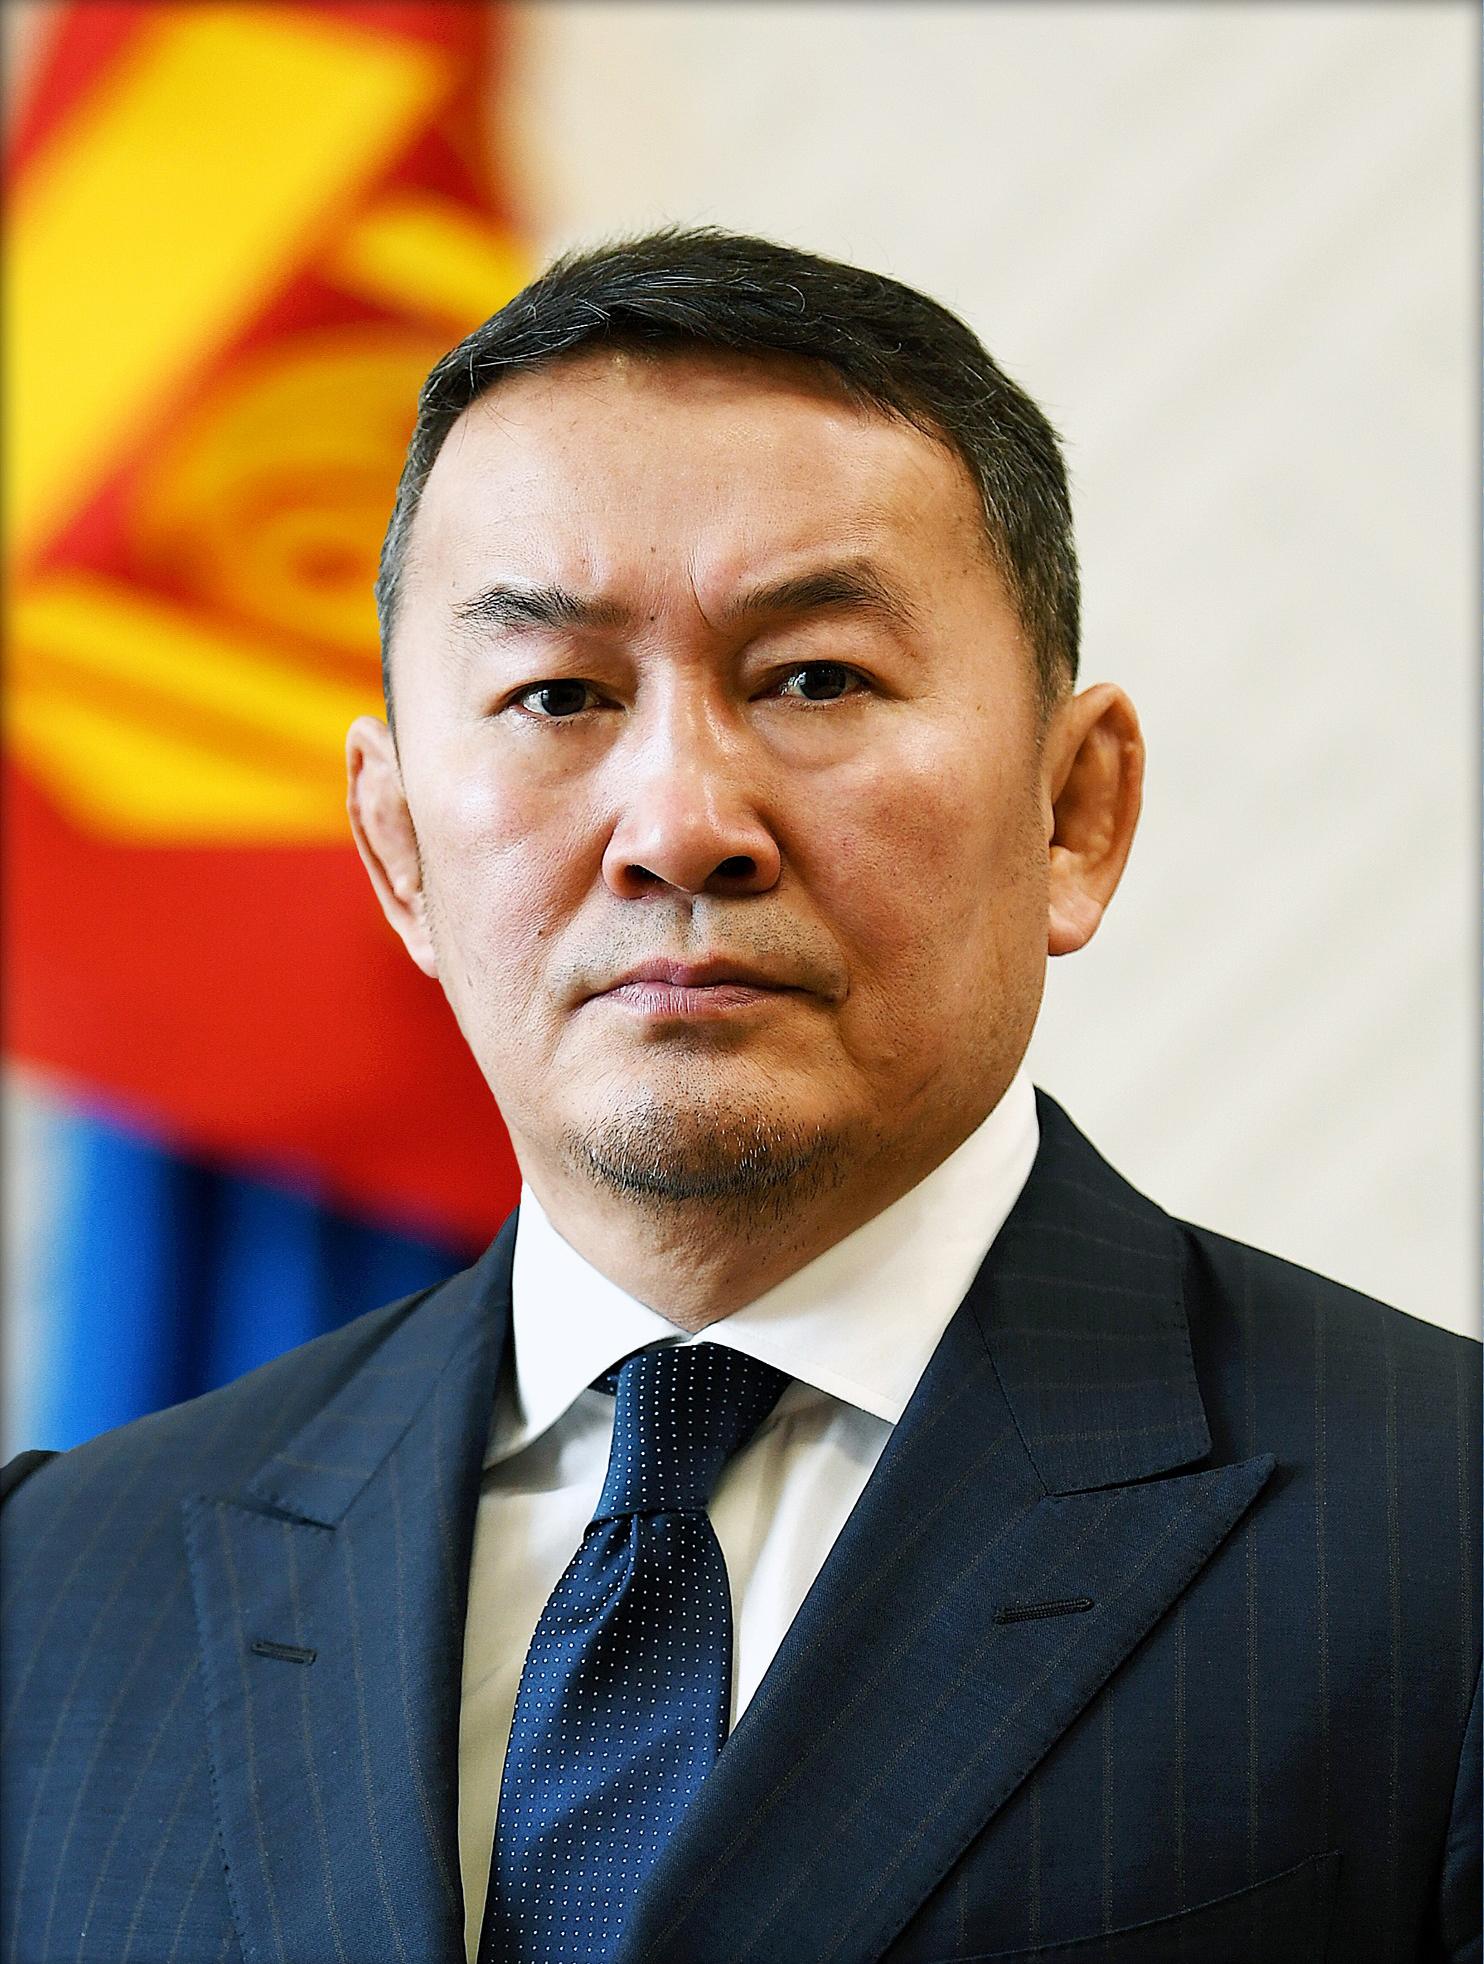 Ерөнхийлөгч БНХАУ-ын дарга Ши Жиньпинд баяр хүргэж захидал илгээв.